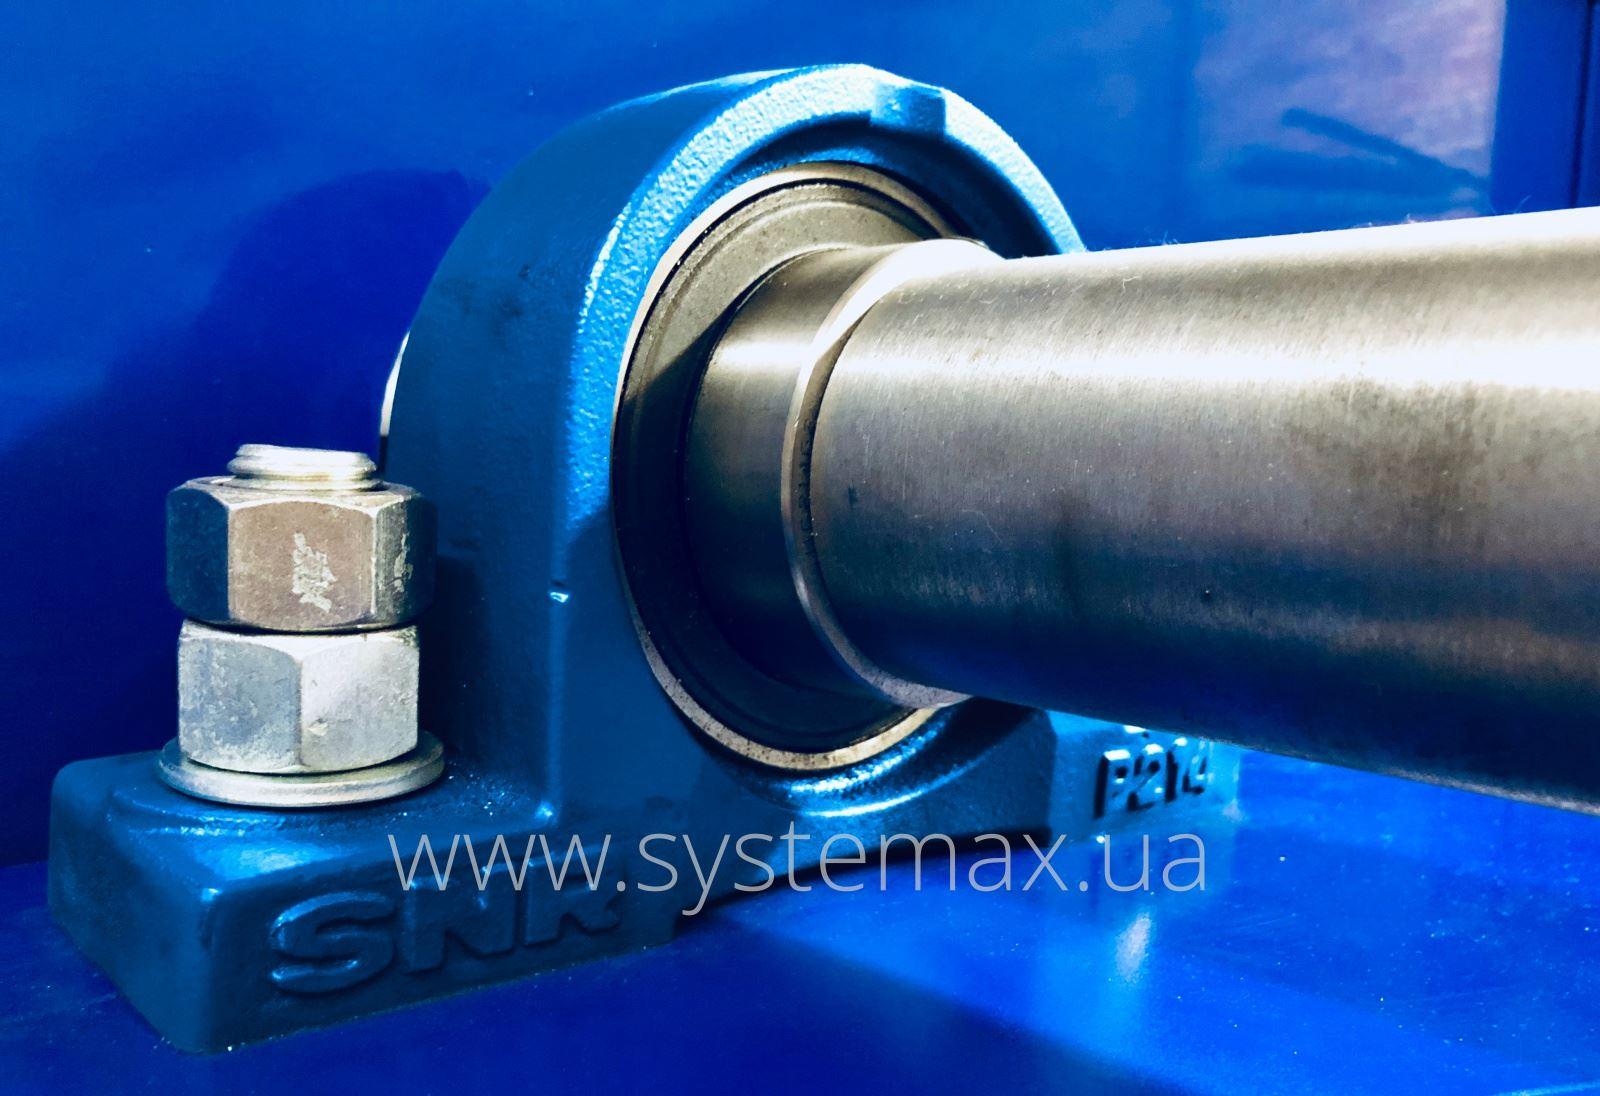 Підшипниковий вузол SNR на вентиляторі ВЦ 4-75 №8 схема 5